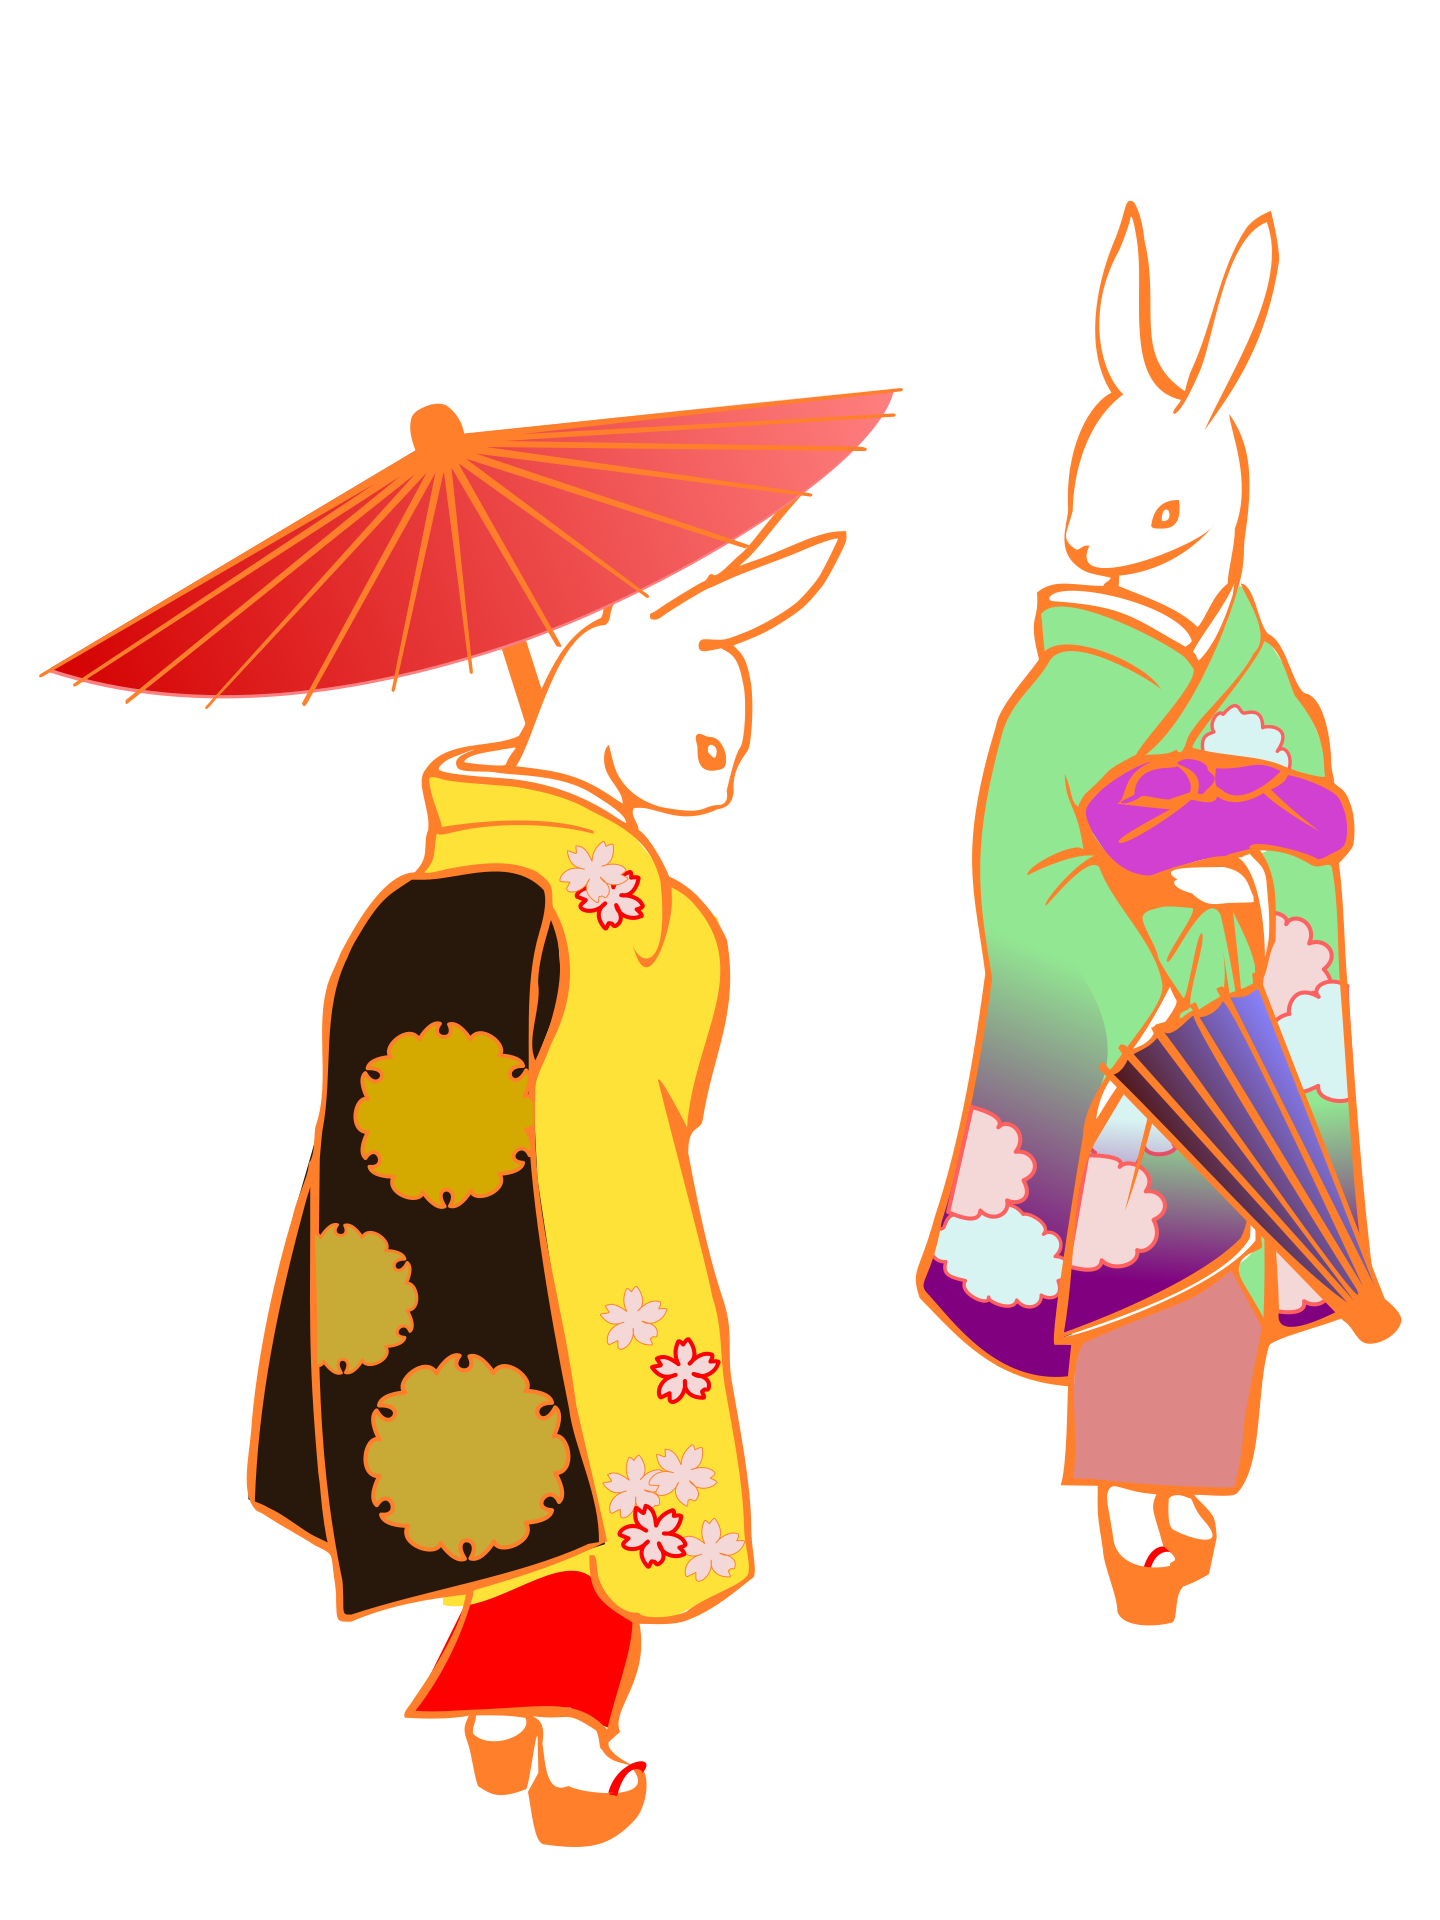 ウサギが着物を着ている絵